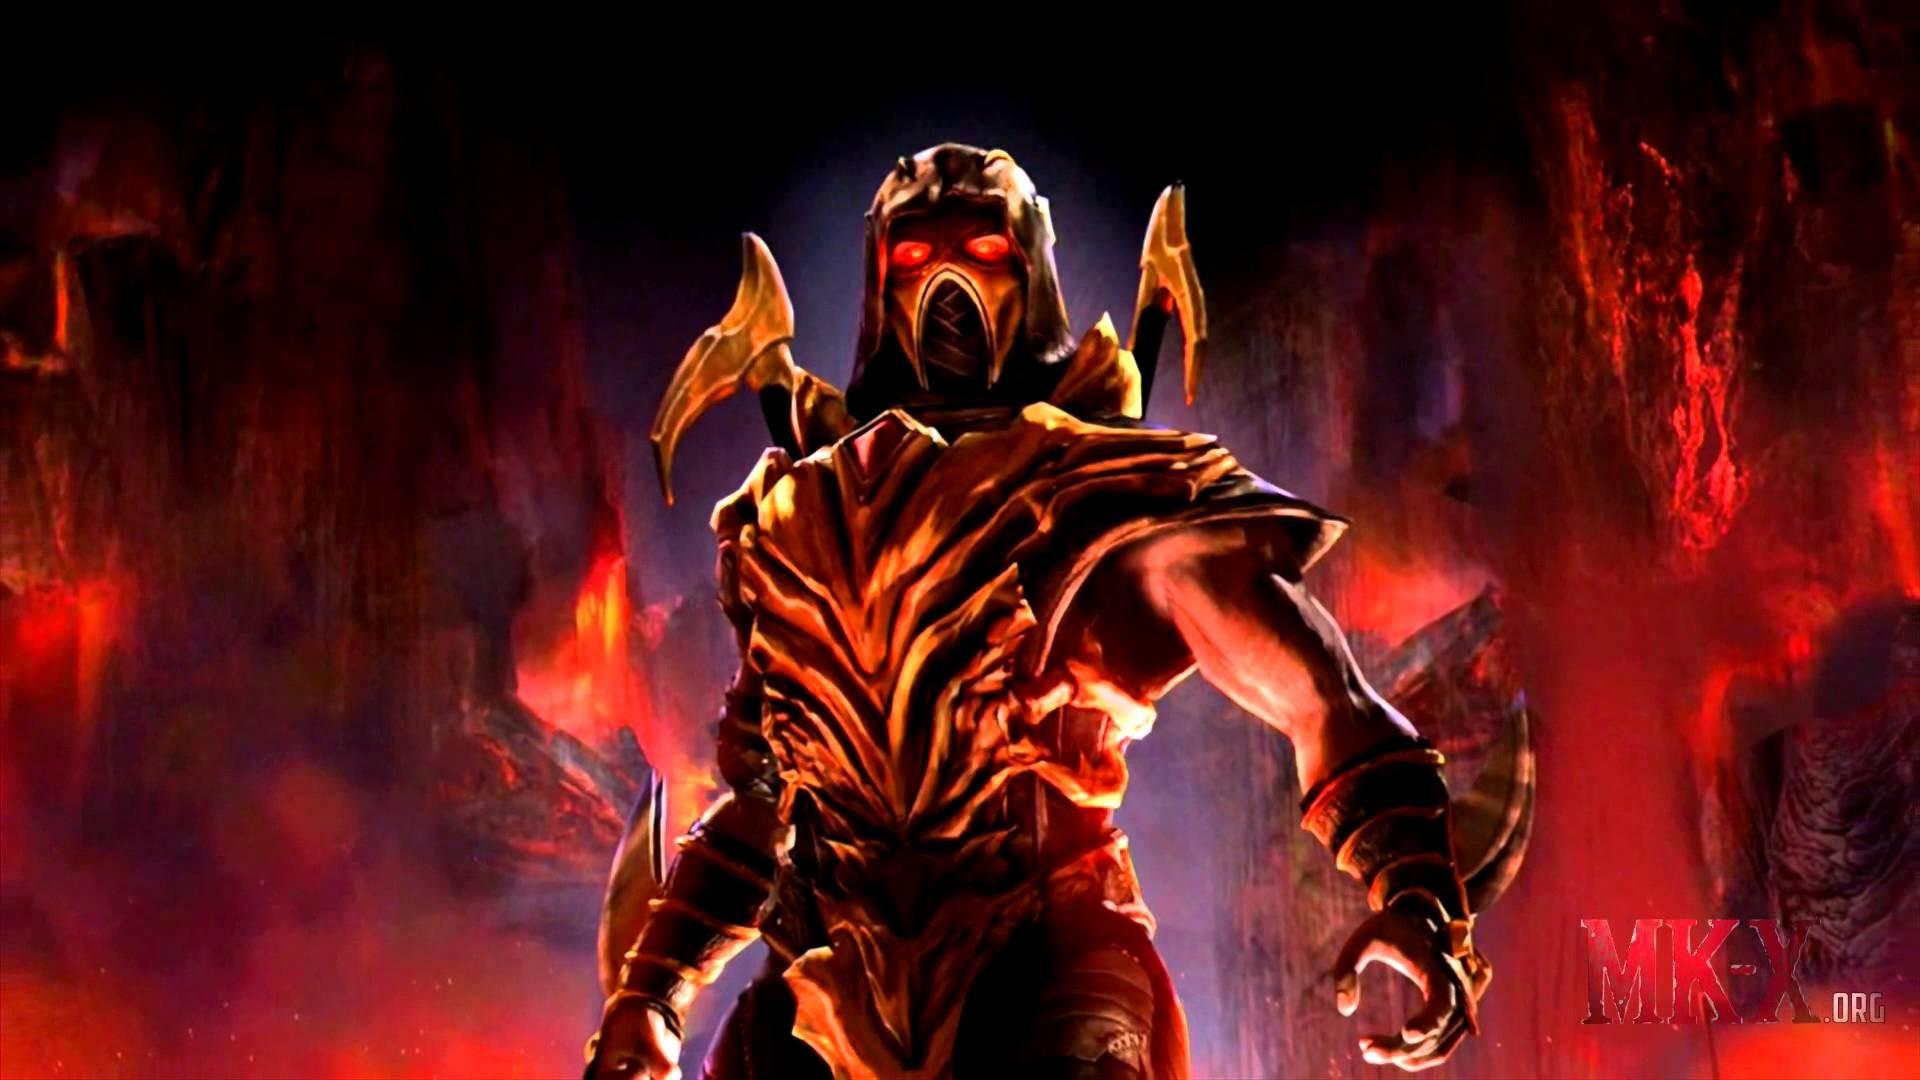 Ultra HD K Mortal kombat x Wallpapers HD, Desktop Backgrounds 640×960  Scorpion Wallpaper